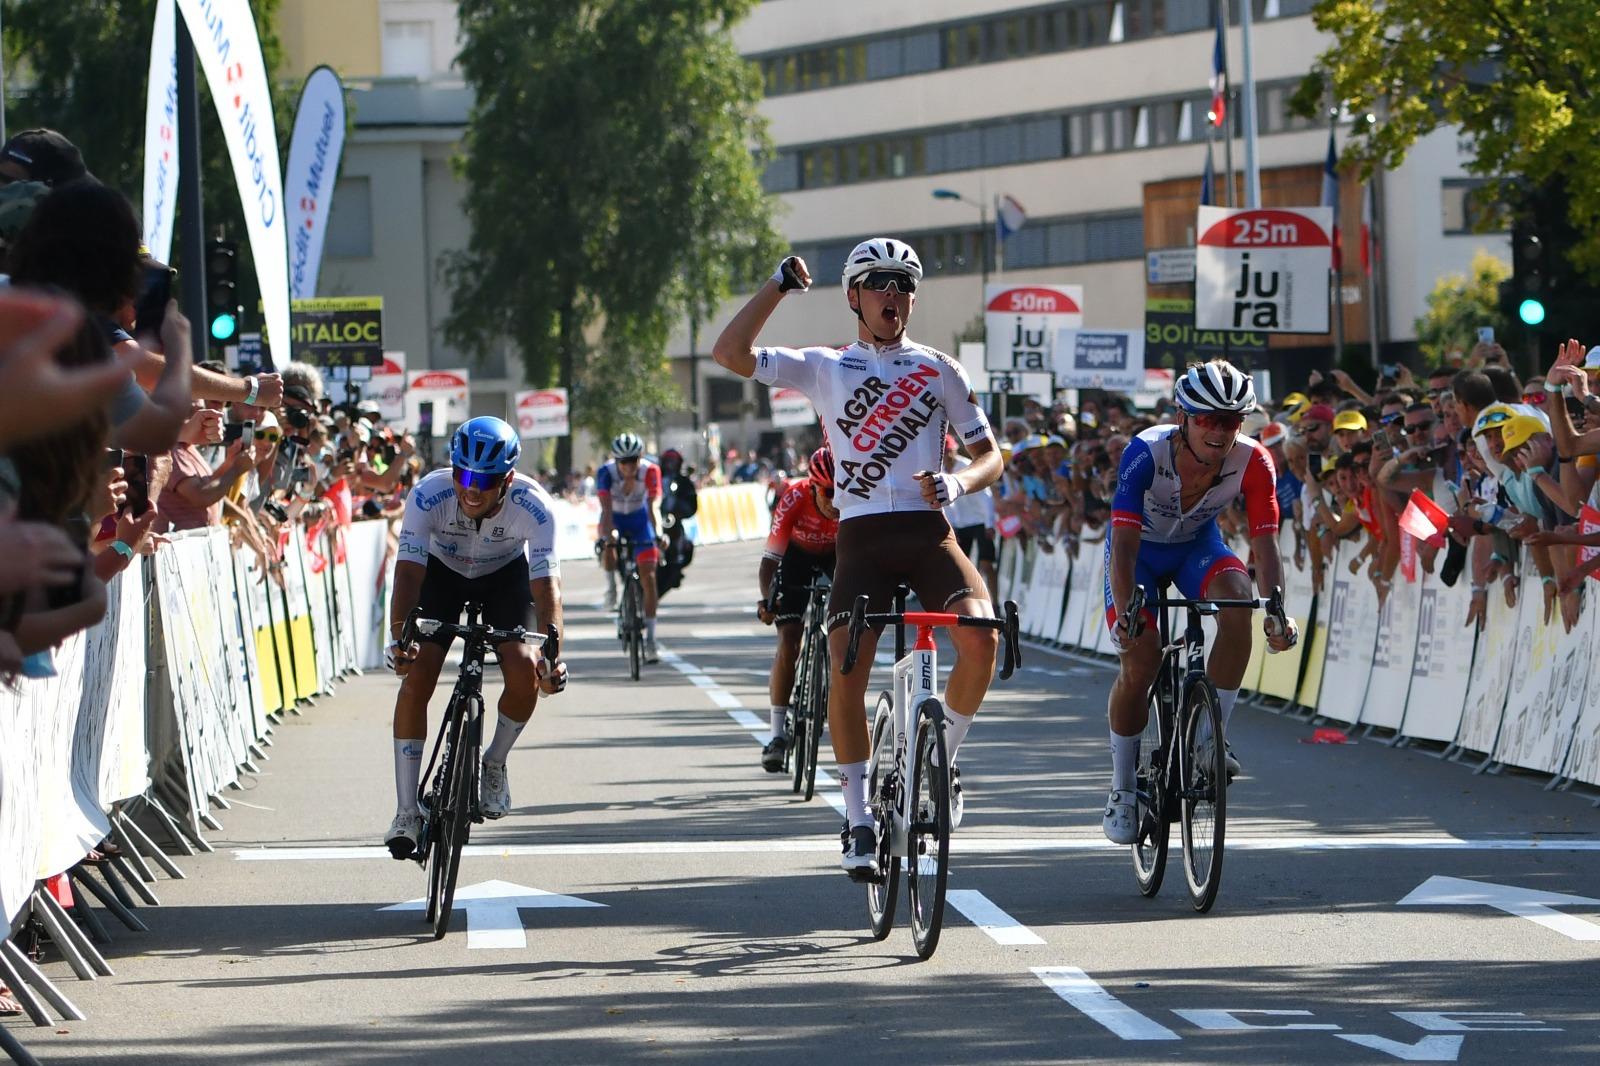 Benoit Cosnefroy vence o Tour du Jura!